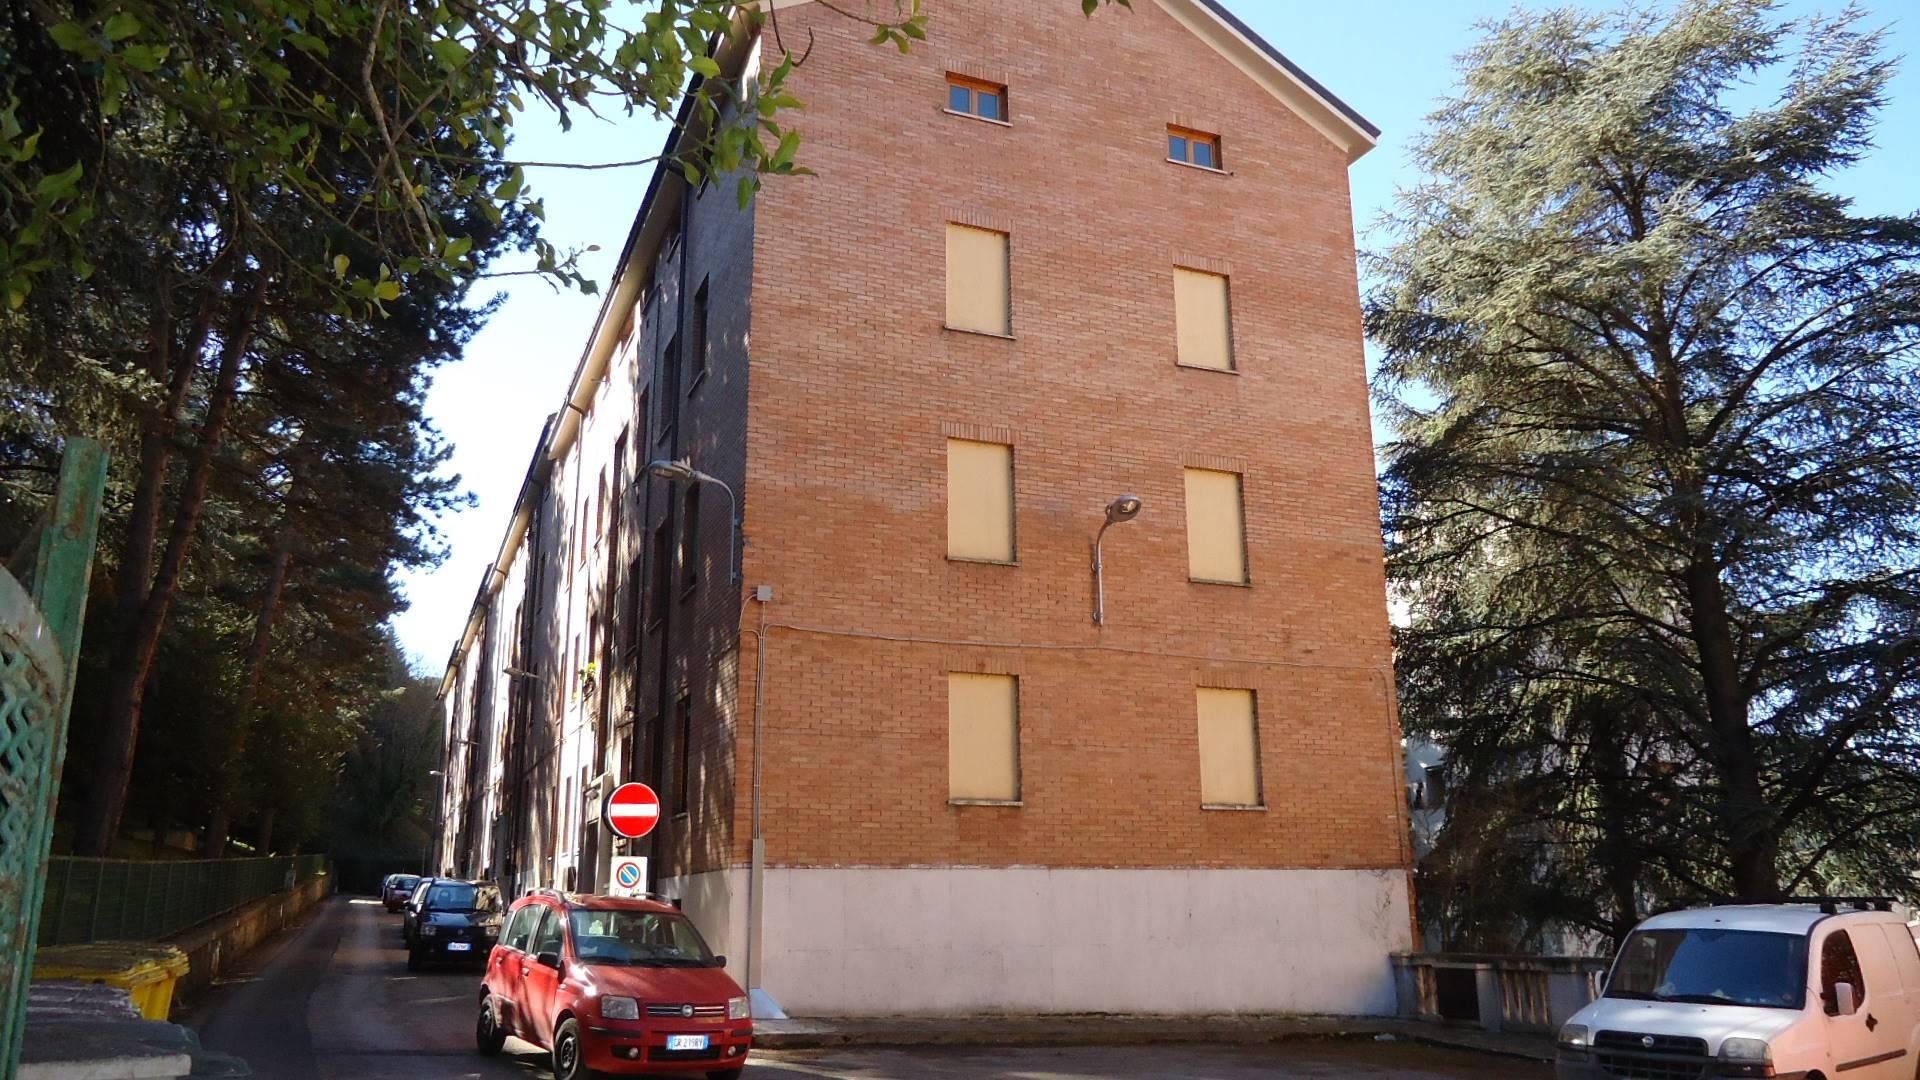 Attico / Mansarda in vendita a L'Aquila, 3 locali, zona Località: Centrostorico, prezzo € 70.000 | Cambio Casa.it